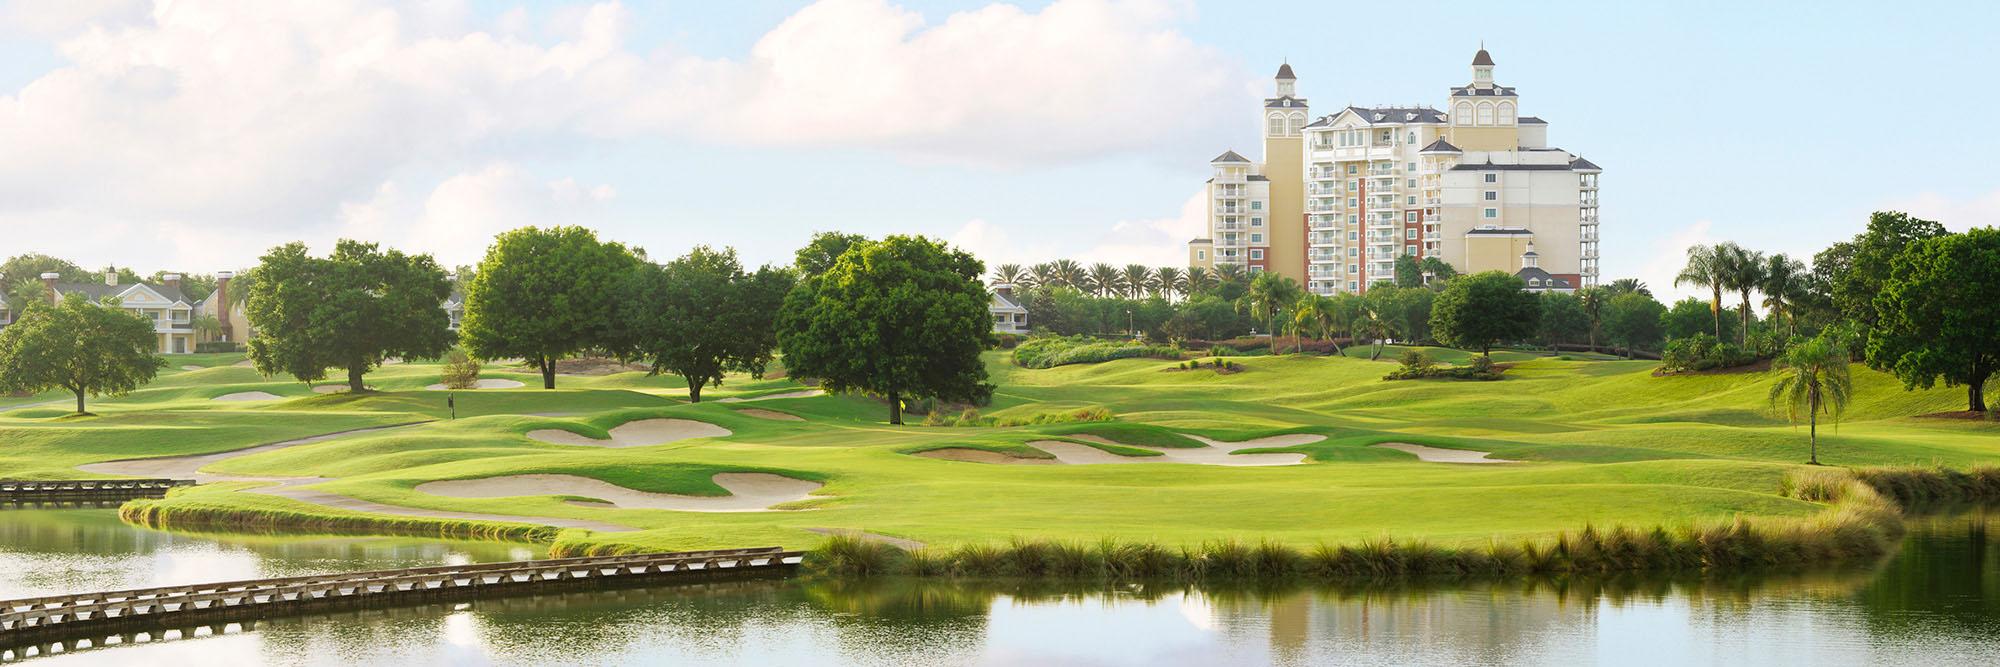 Golf Course Image - Reunion Resort Palmer No. 7